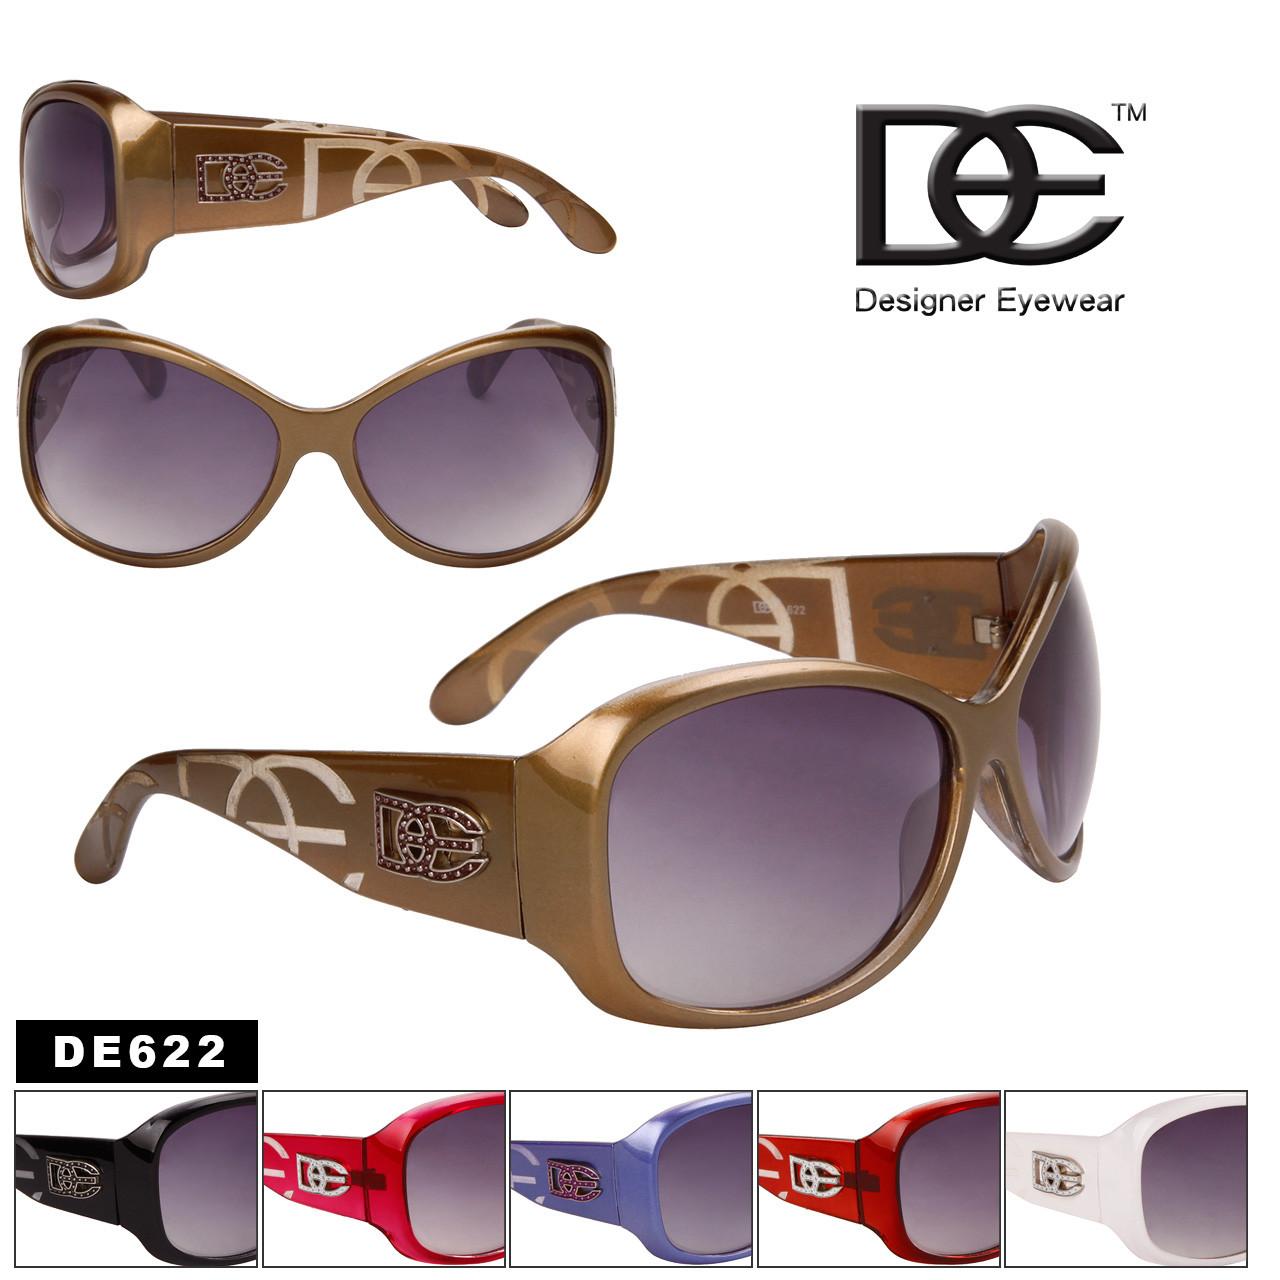 DE™ Fashion Sunglasses by the Dozen - Style #DE622